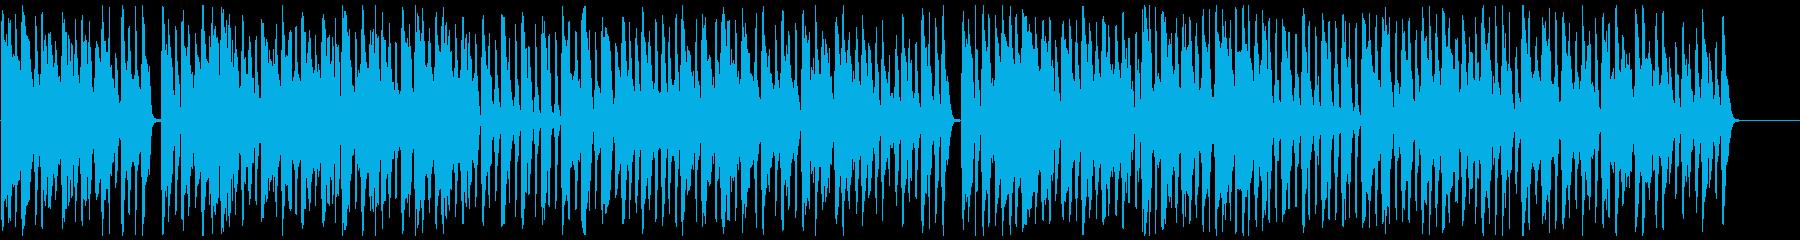 午後のティータイムにの再生済みの波形